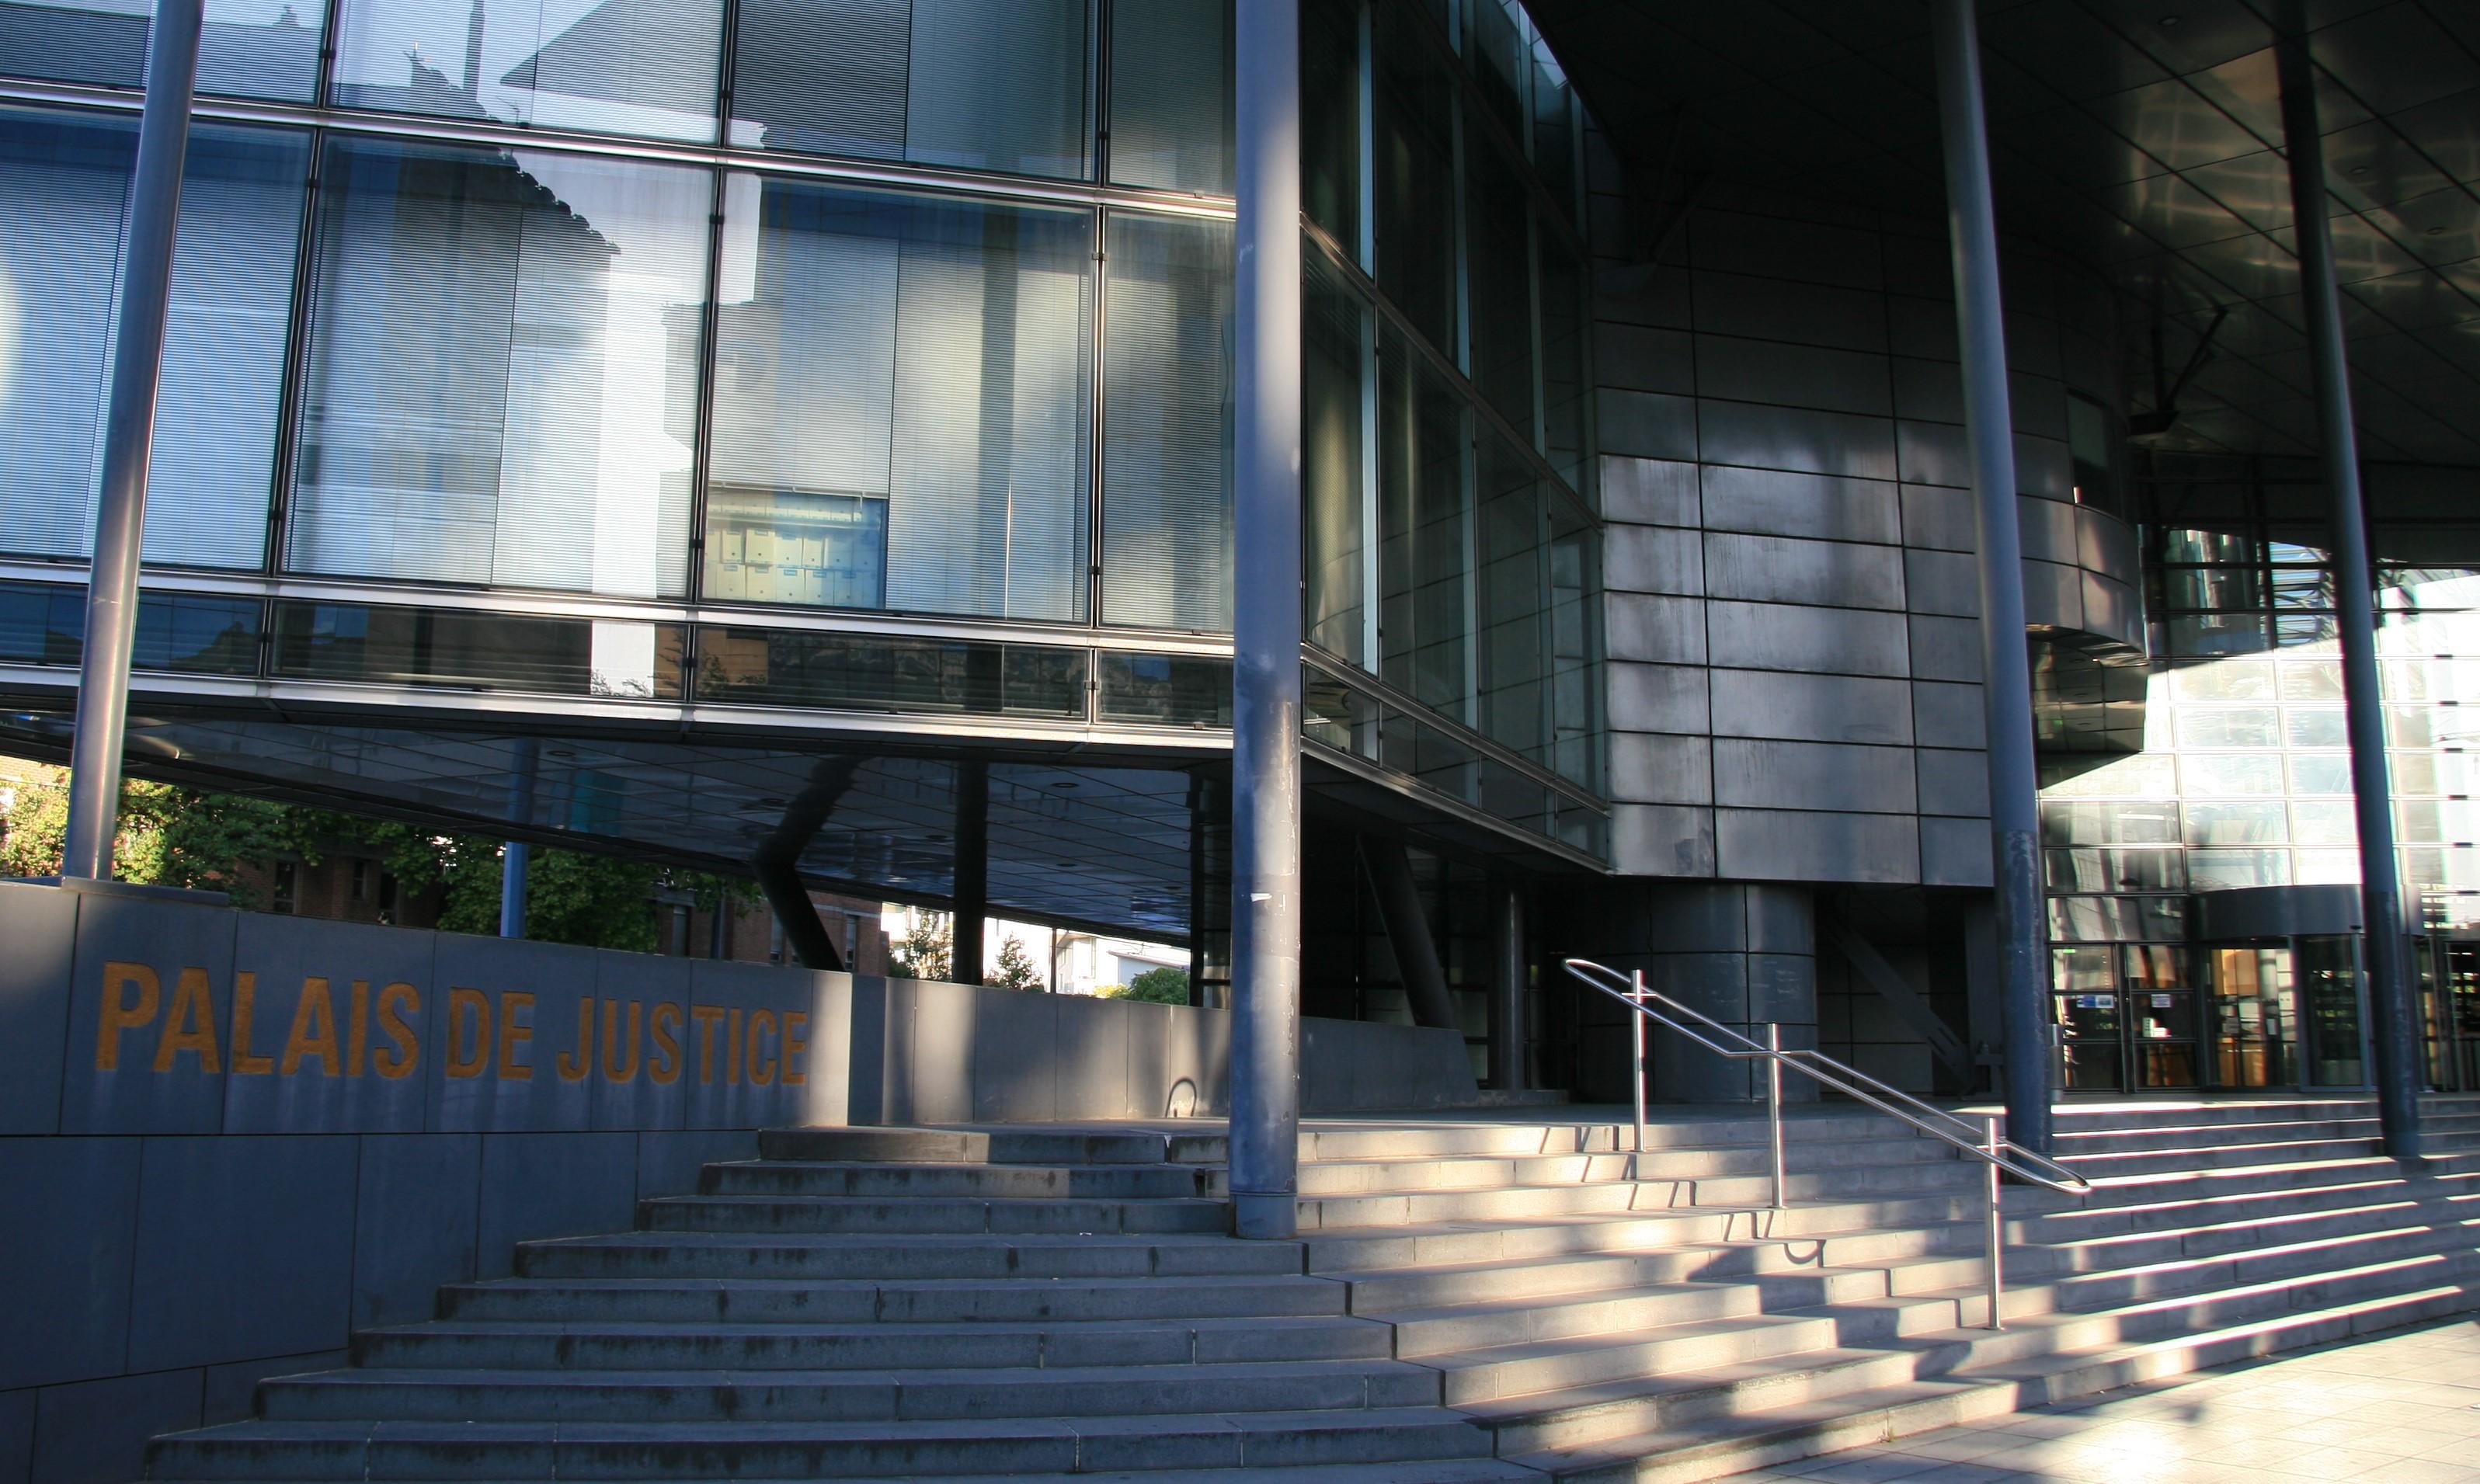 Palais de Justice Grenoble : Prud'hommes (droit du travail), Tribunal des affaires de sécurité sociale (accident du travail, maladie professionnelle, faute inexcusable)